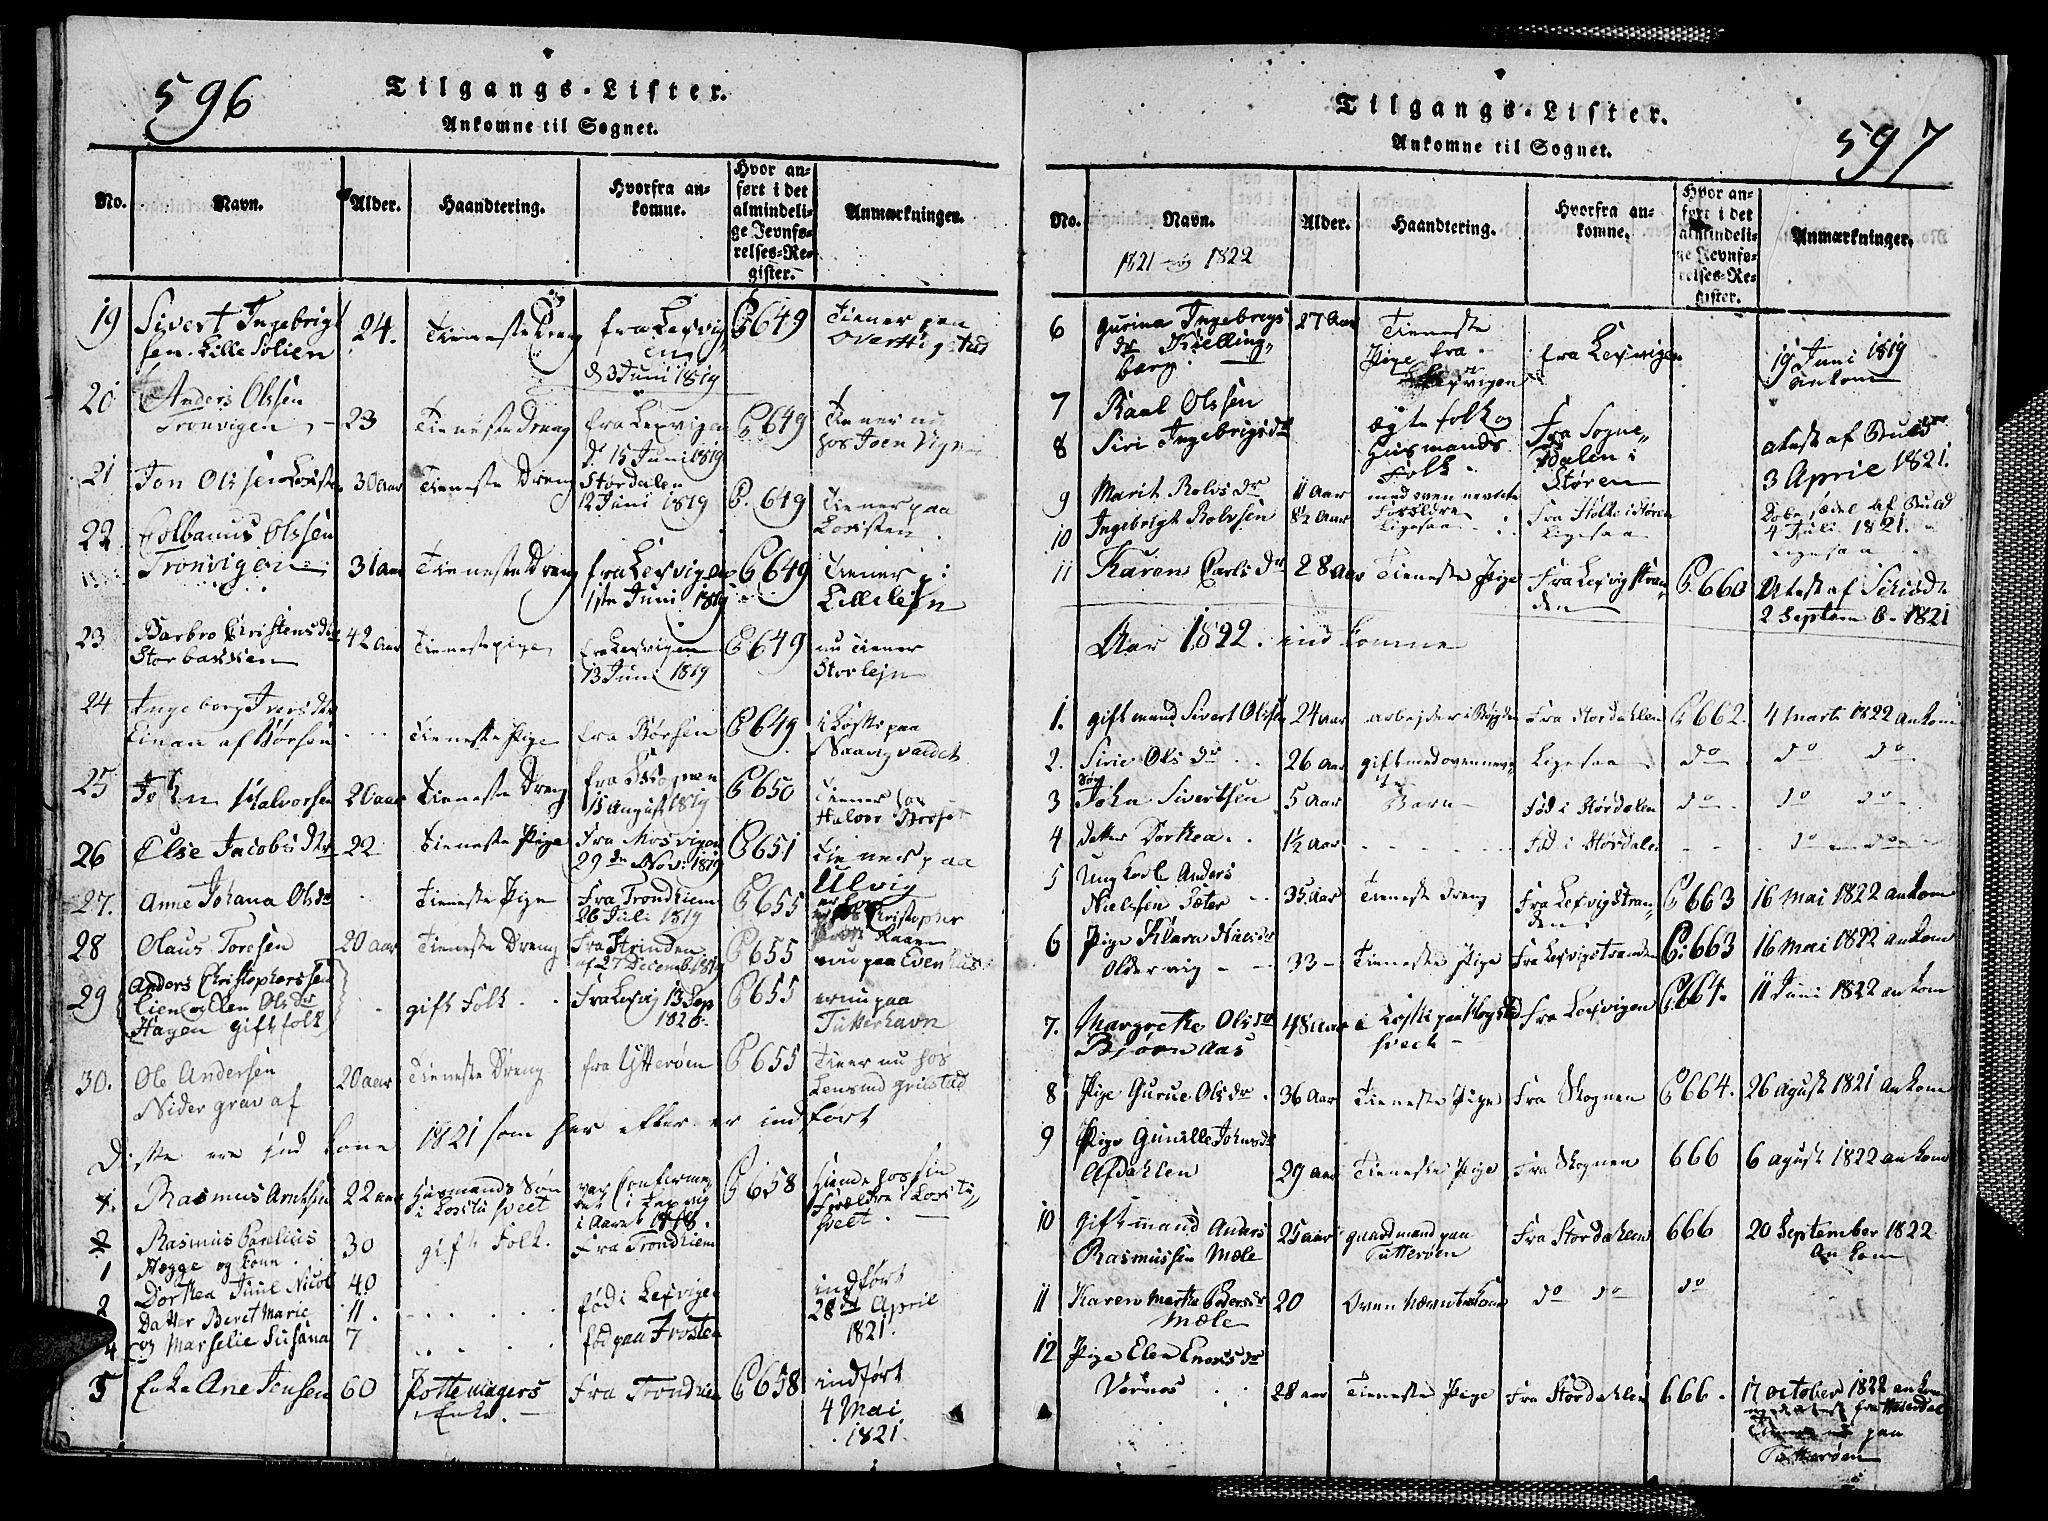 SAT, Ministerialprotokoller, klokkerbøker og fødselsregistre - Nord-Trøndelag, 713/L0124: Klokkerbok nr. 713C01, 1817-1827, s. 596-597